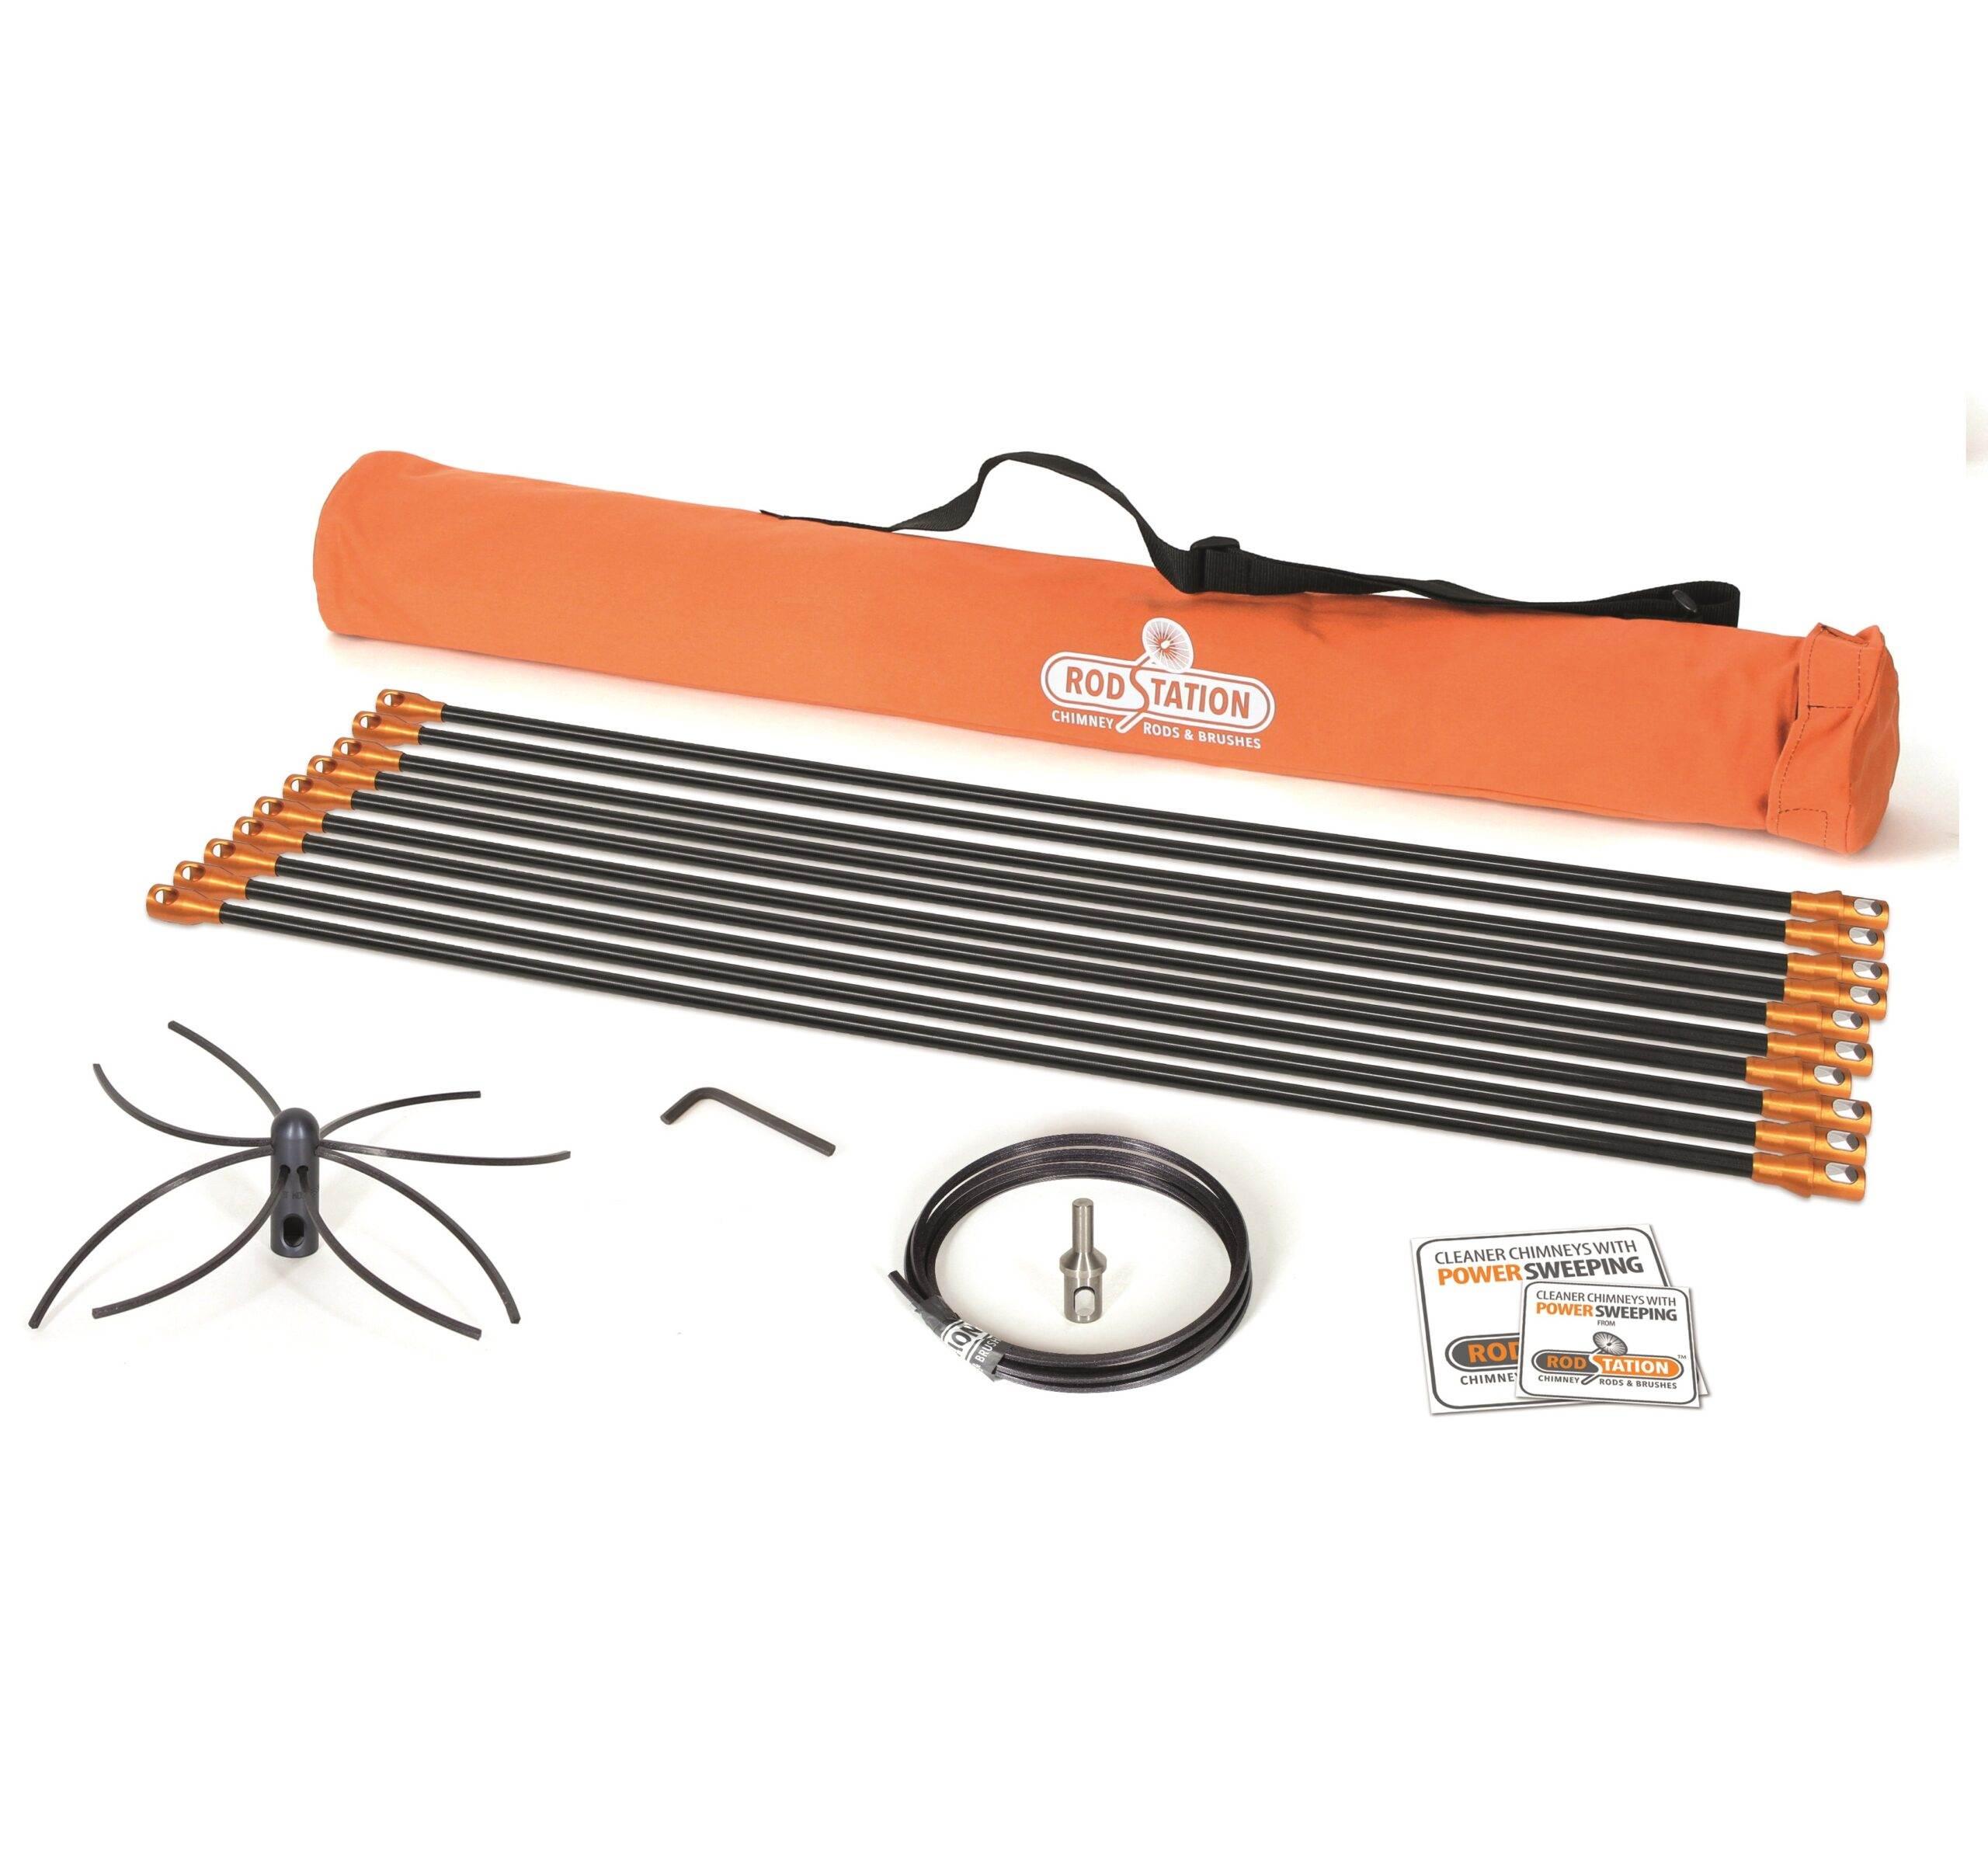 Chimney power sweeping kit for flexible liner